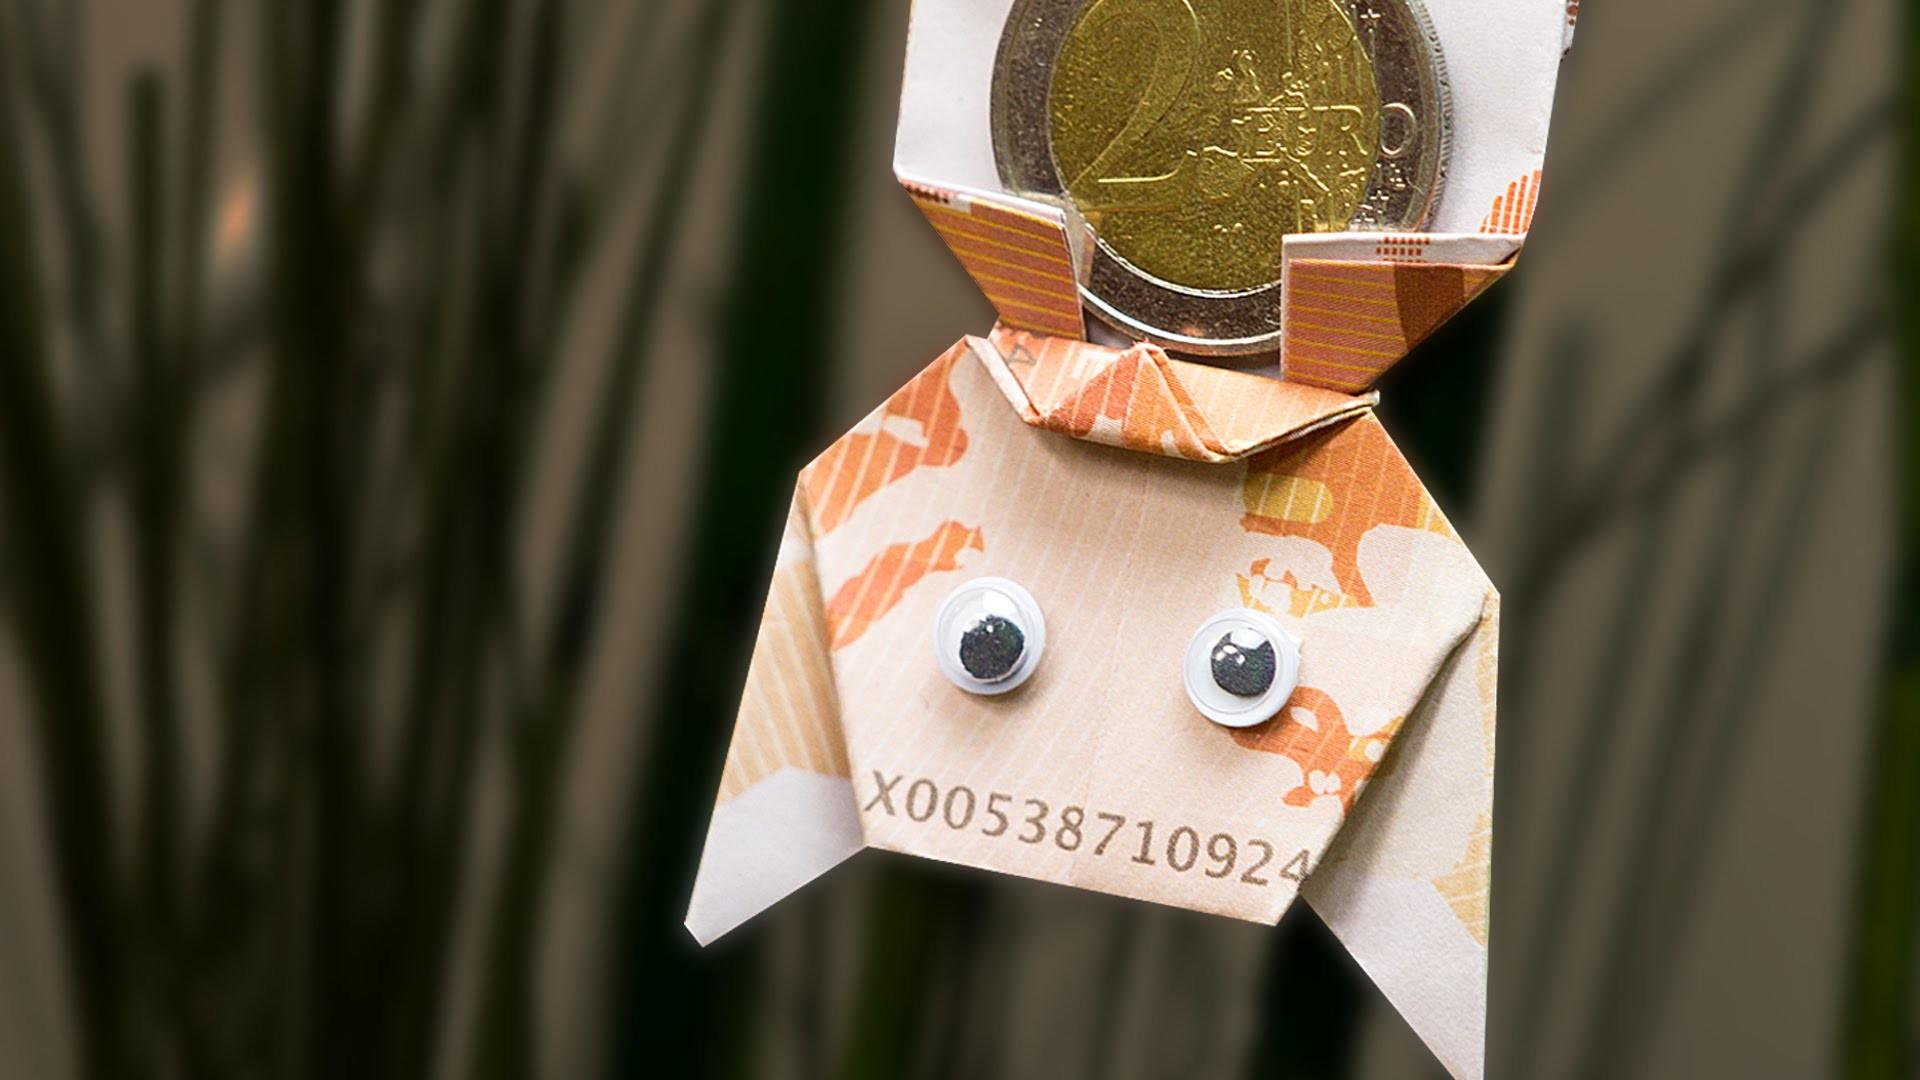 Kreative Geschenkidee - Origami Fledermaus aus Geld